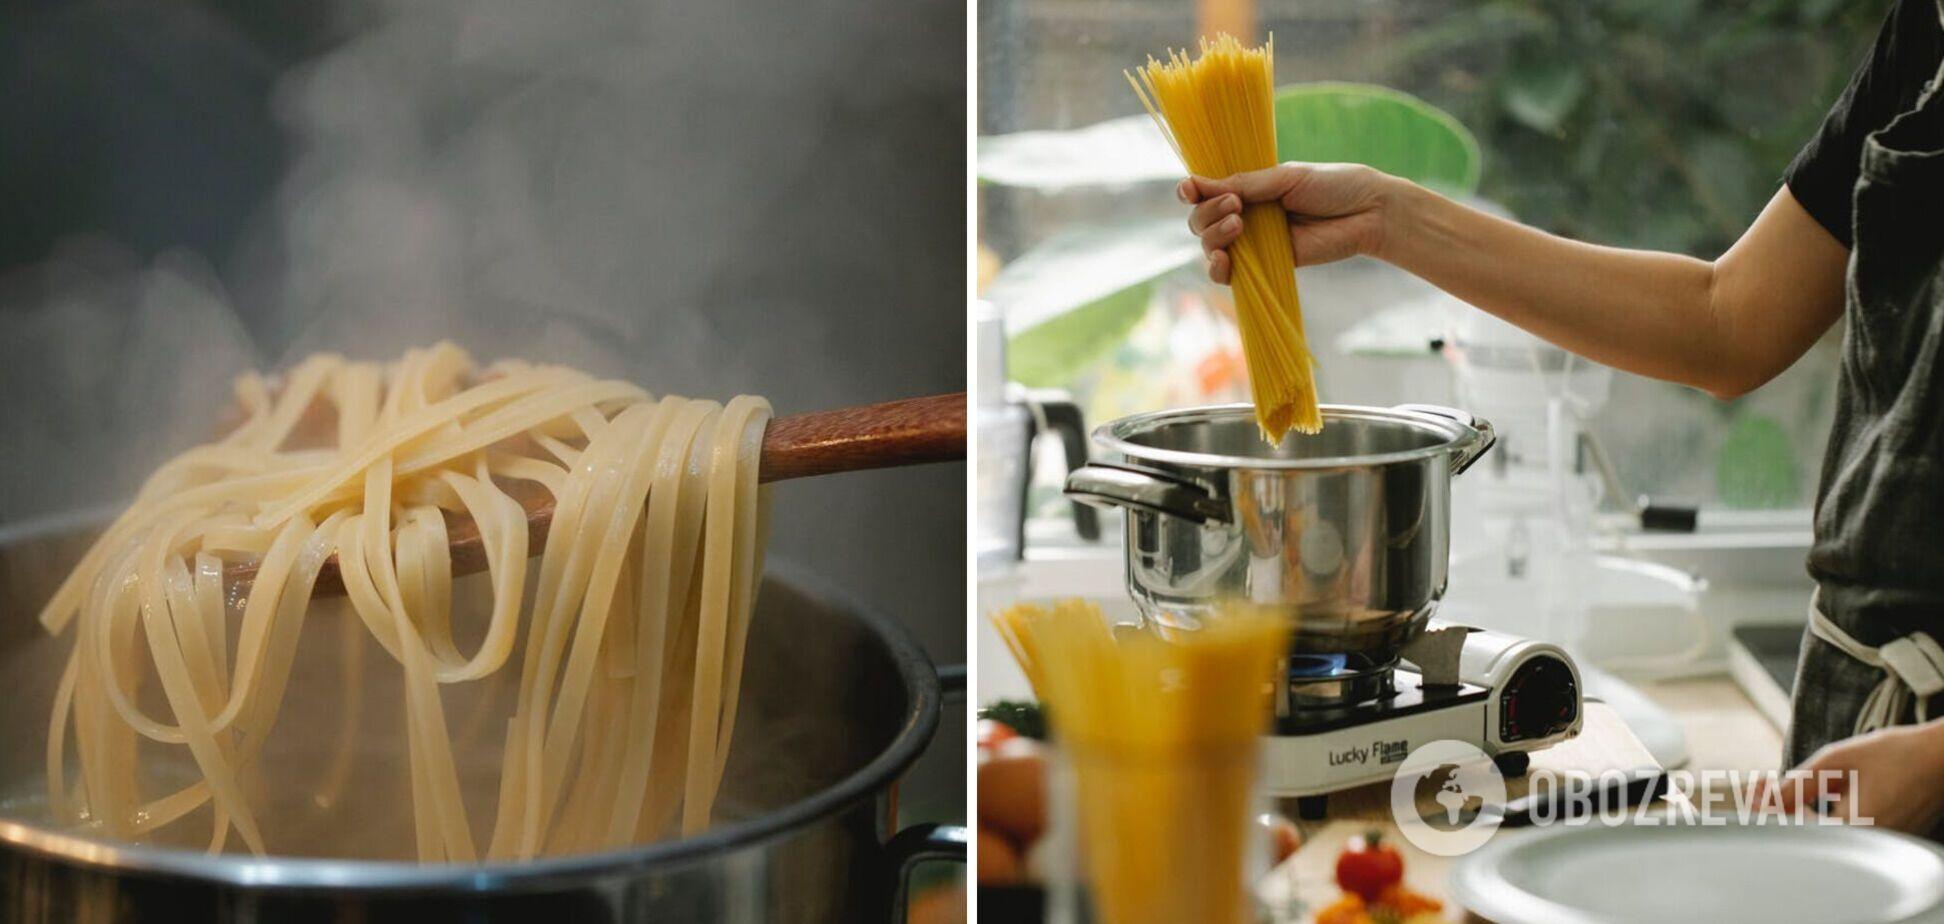 Чи шкідливо їсти вчорашні макарони: коментують дієтологи